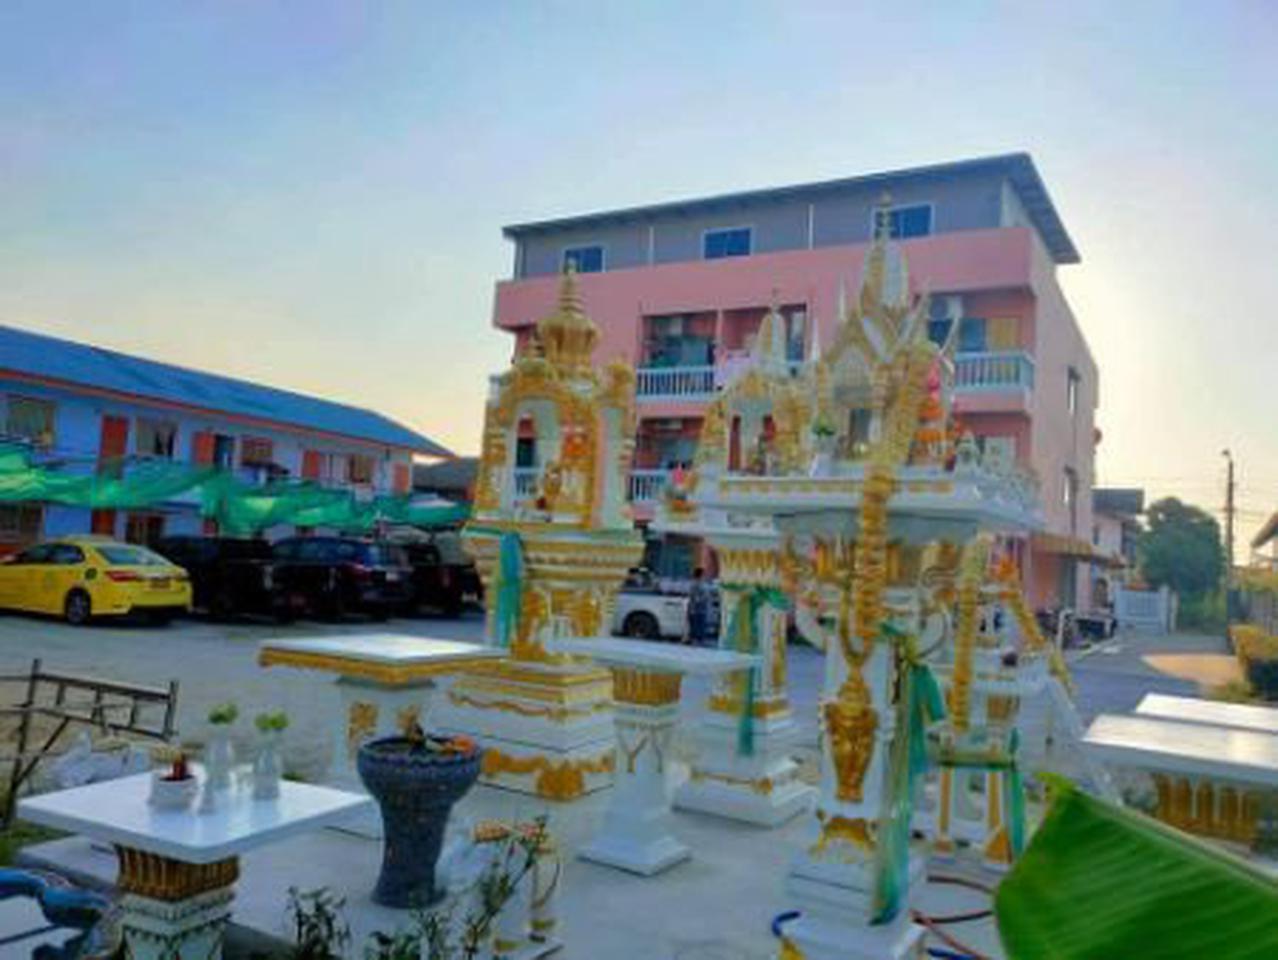 ให้เช่า อพาร์ทเม้นท์ หอพักตึกสีส้ม ขนาด 28 ตรว. พื้นที่ 112 ตรม. รูปที่ 5